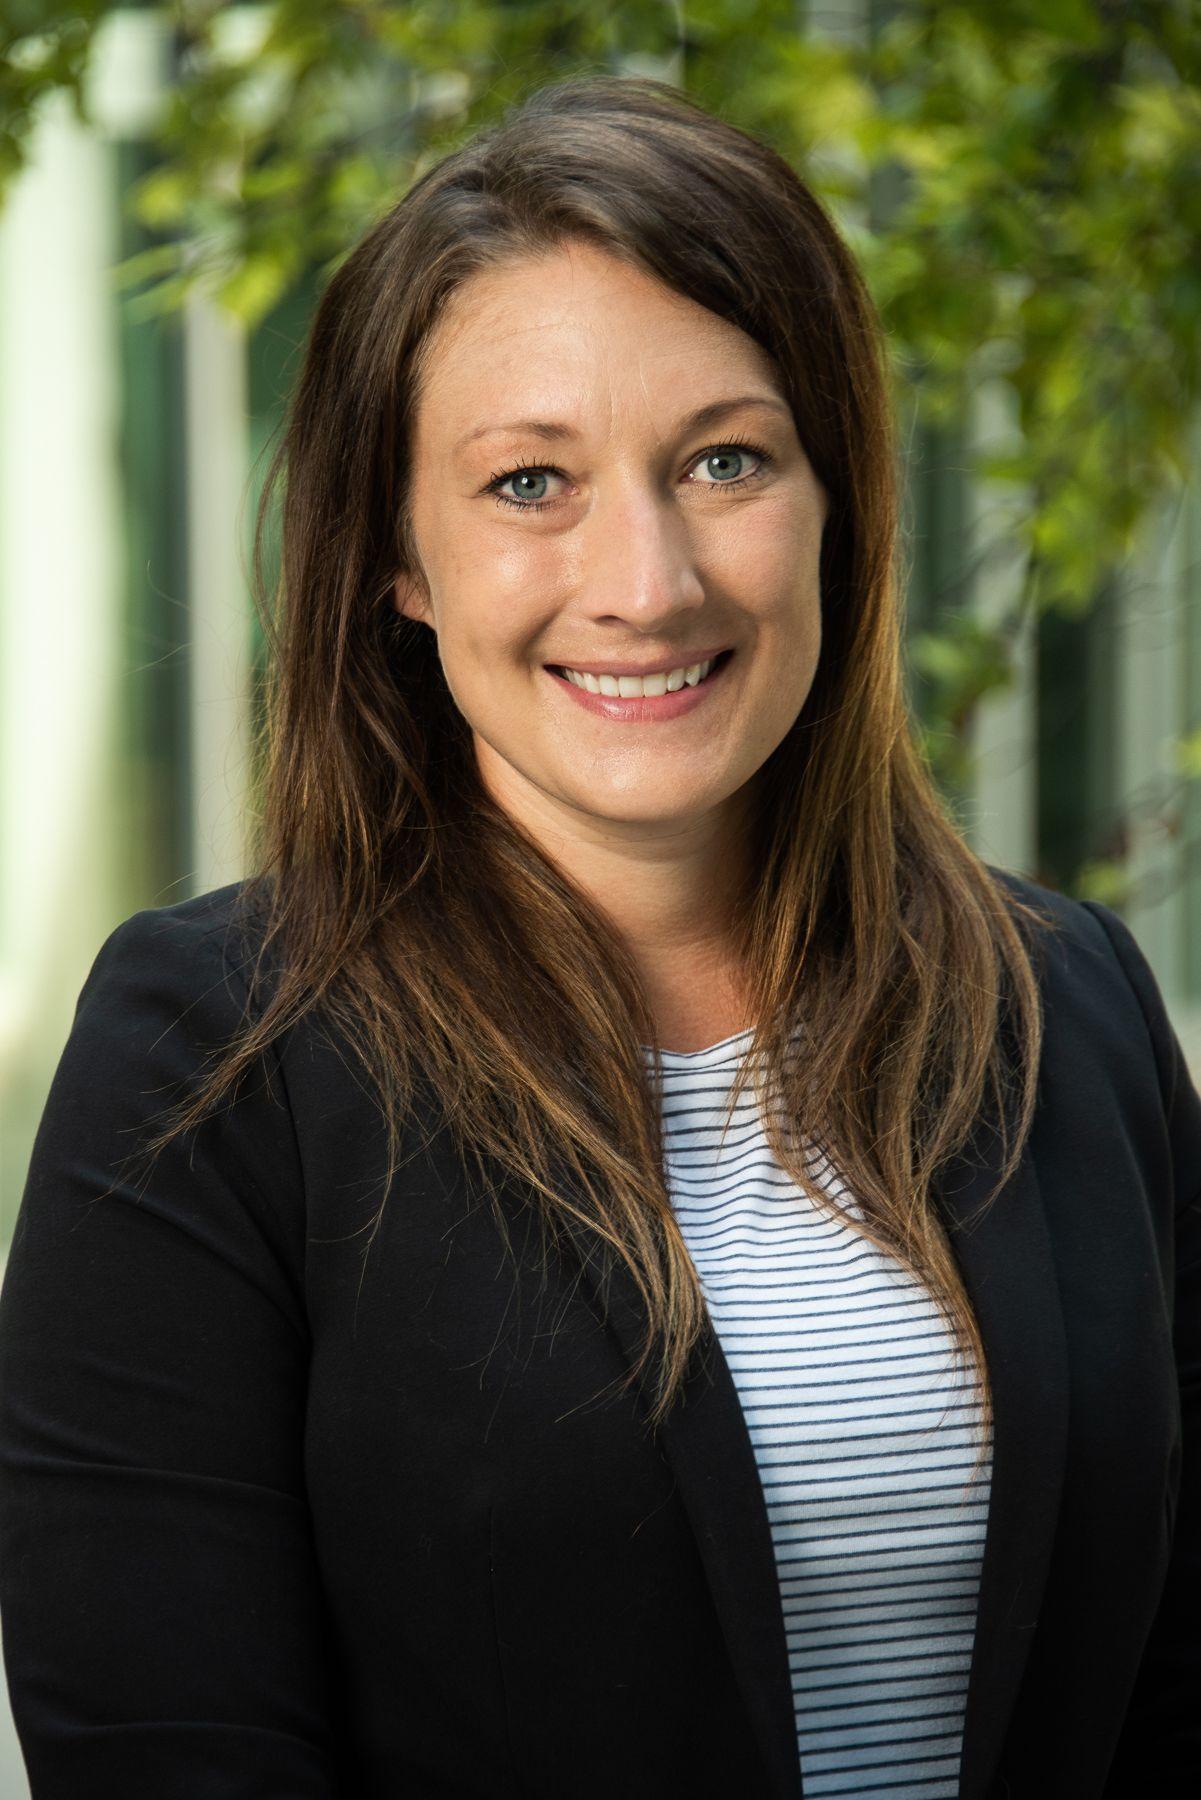 Megan Bolmer